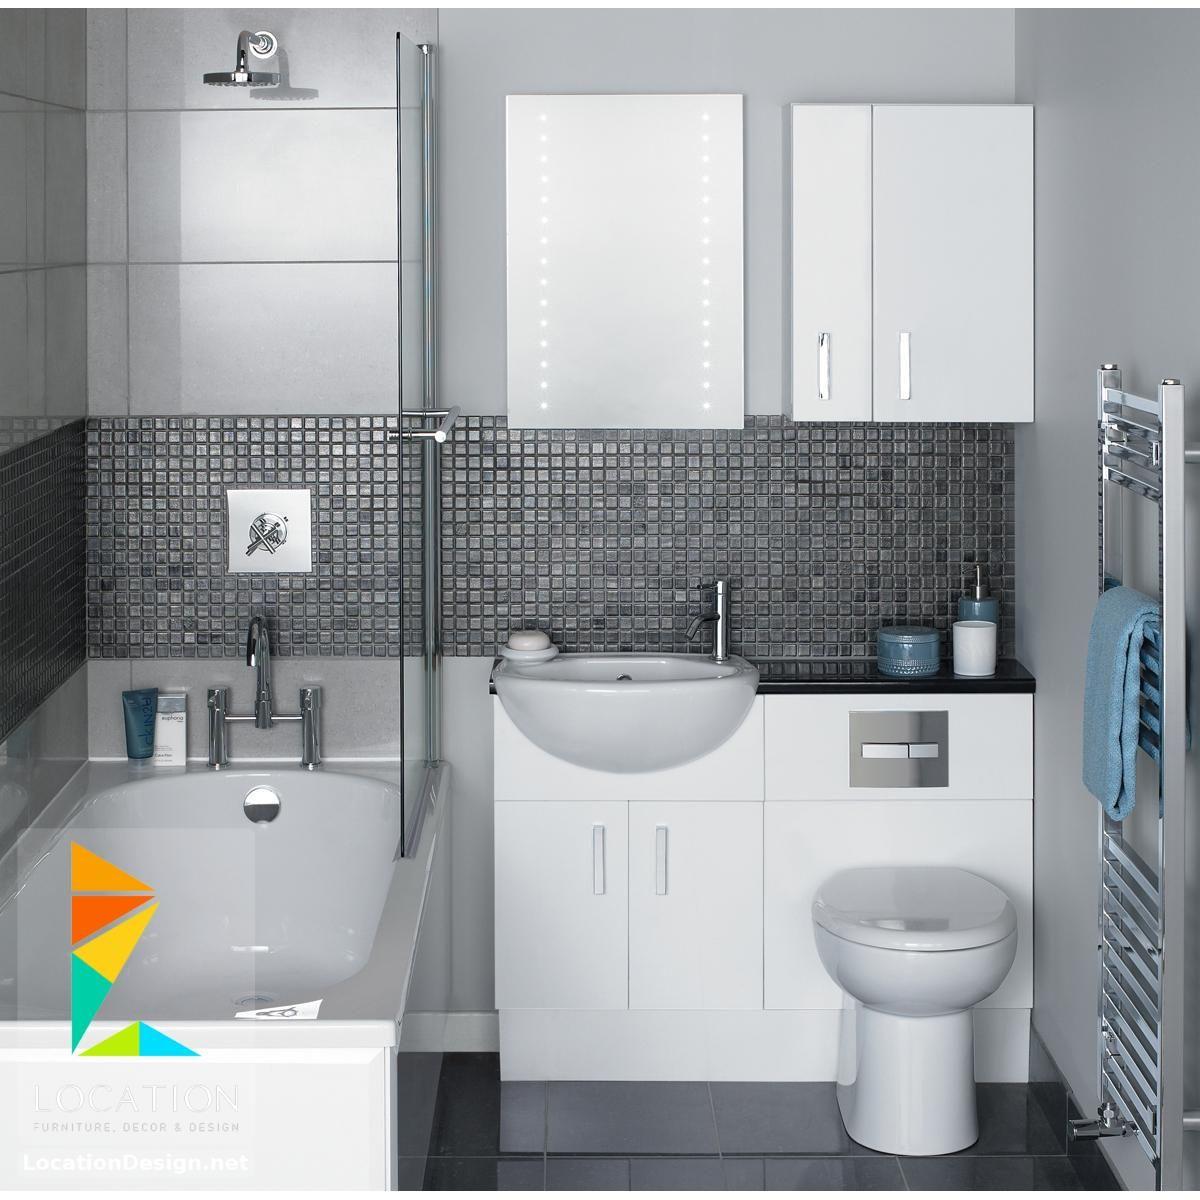 افكار و تصميمات حمامات مودرن صغيرة و بسيطة Simple Bathroom Modern Bathroom Design Small Bathroom